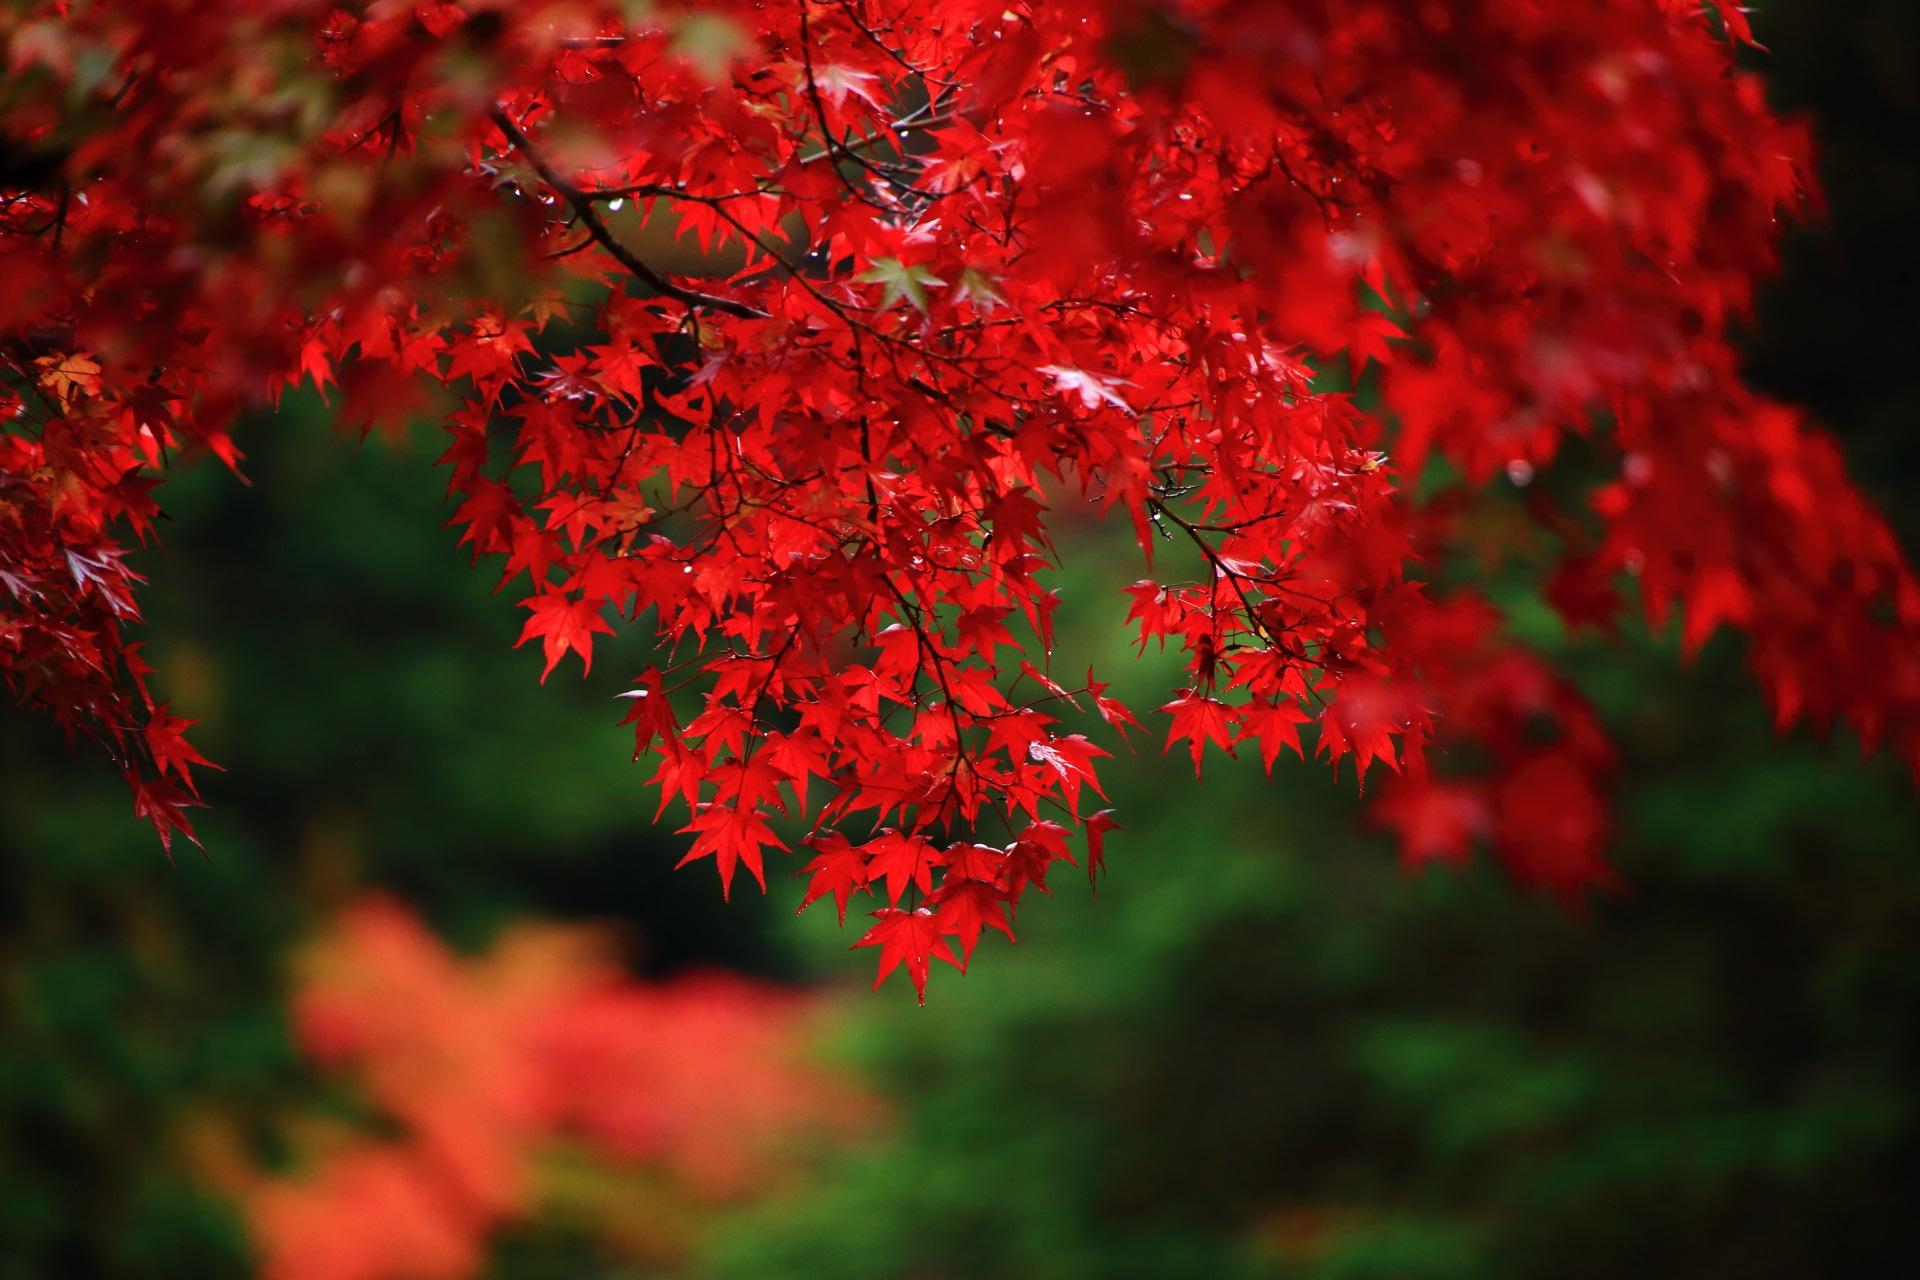 淡く光るような水滴も残った紅葉